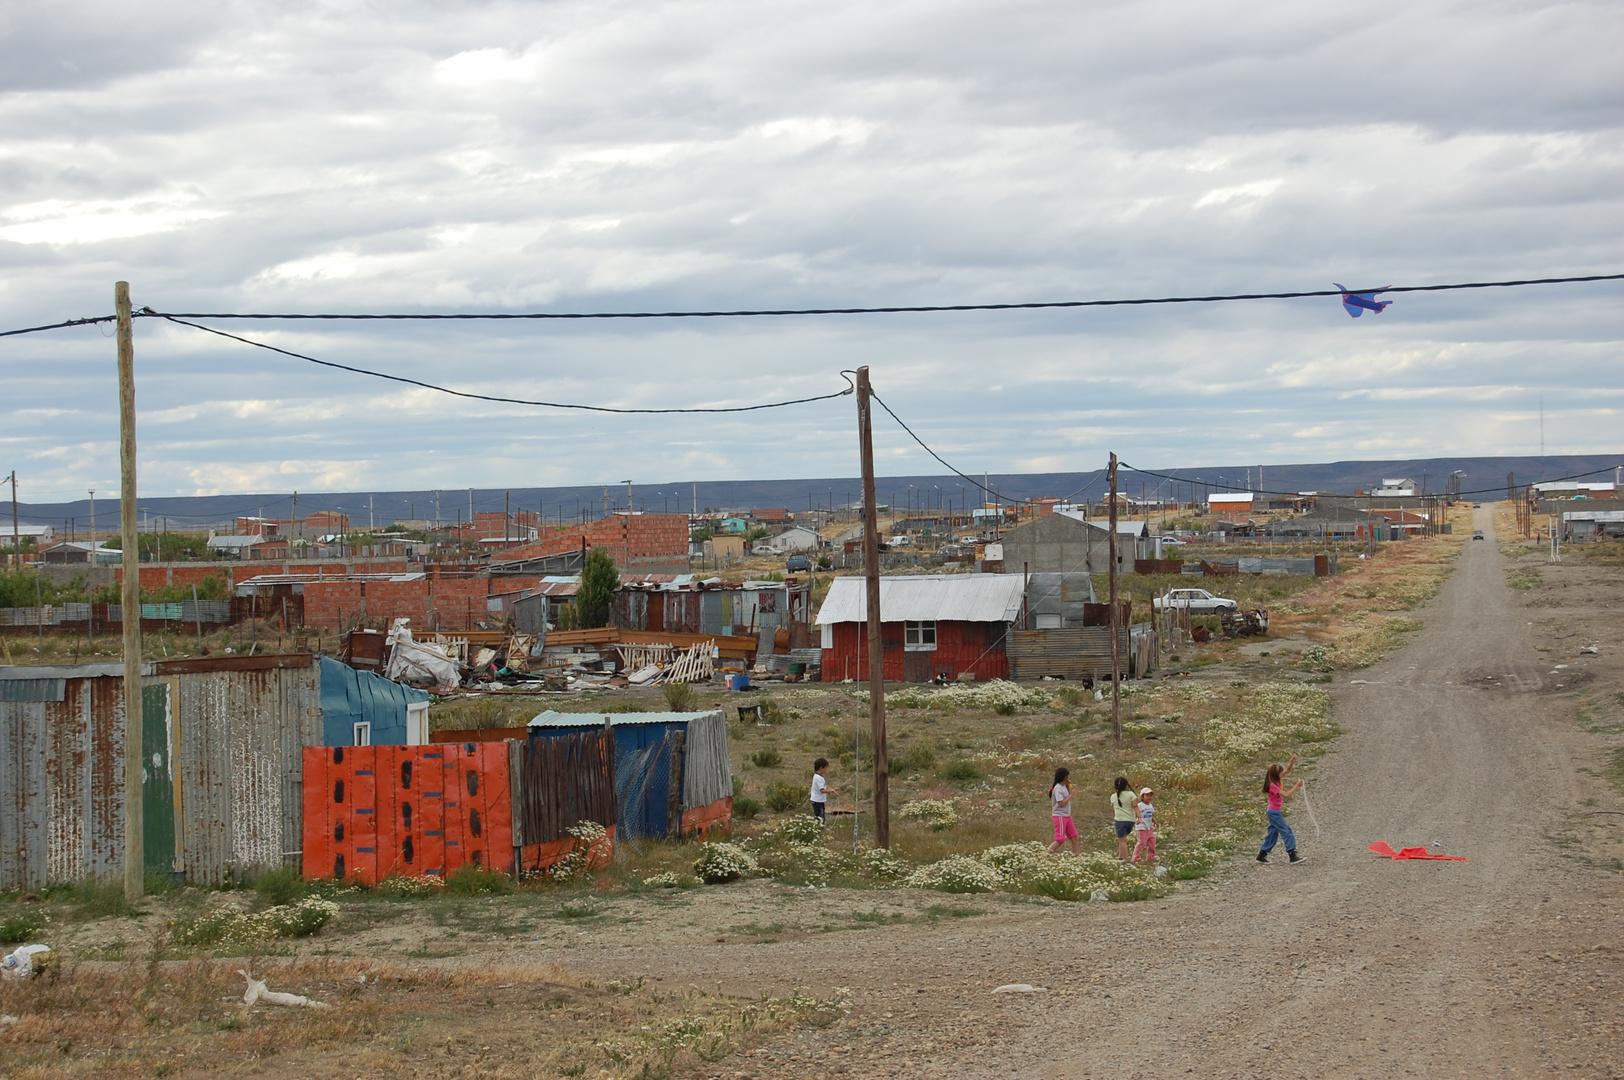 calle de barrio en rio gallegos